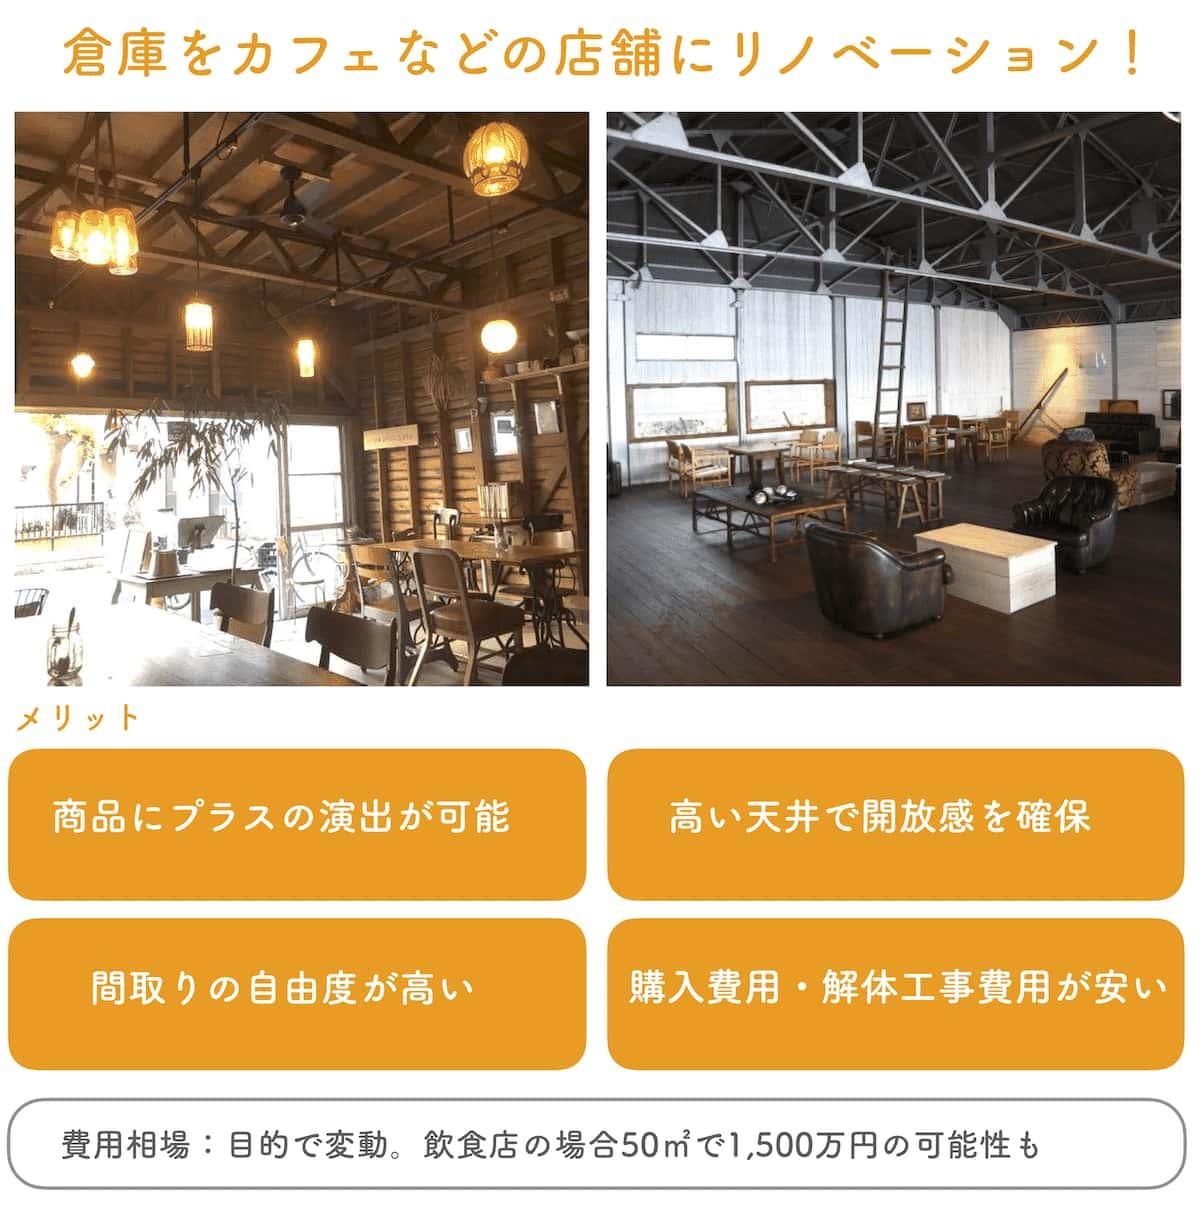 倉庫をカフェなどの店舗にリノベーション